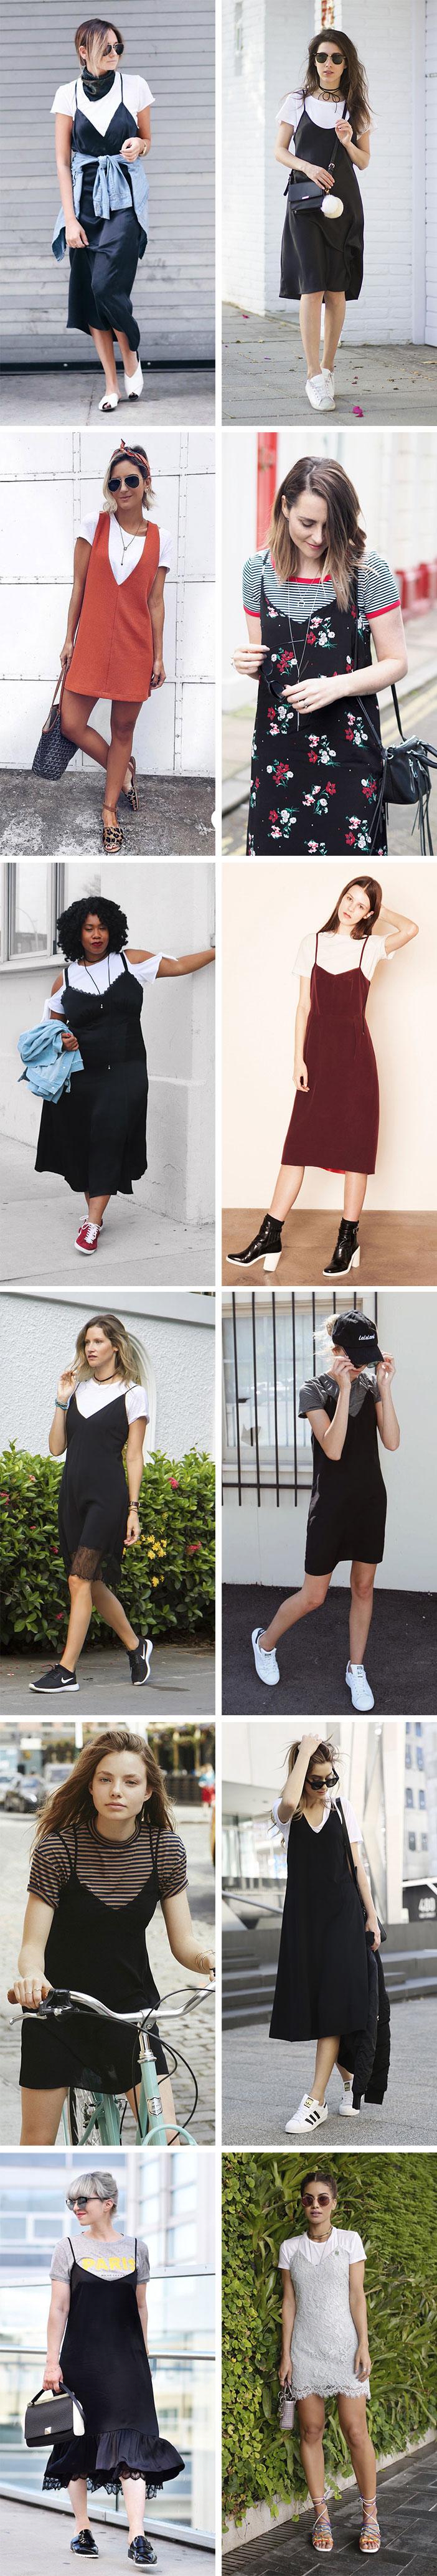 Truque de estilo como usar vestido com camiseta